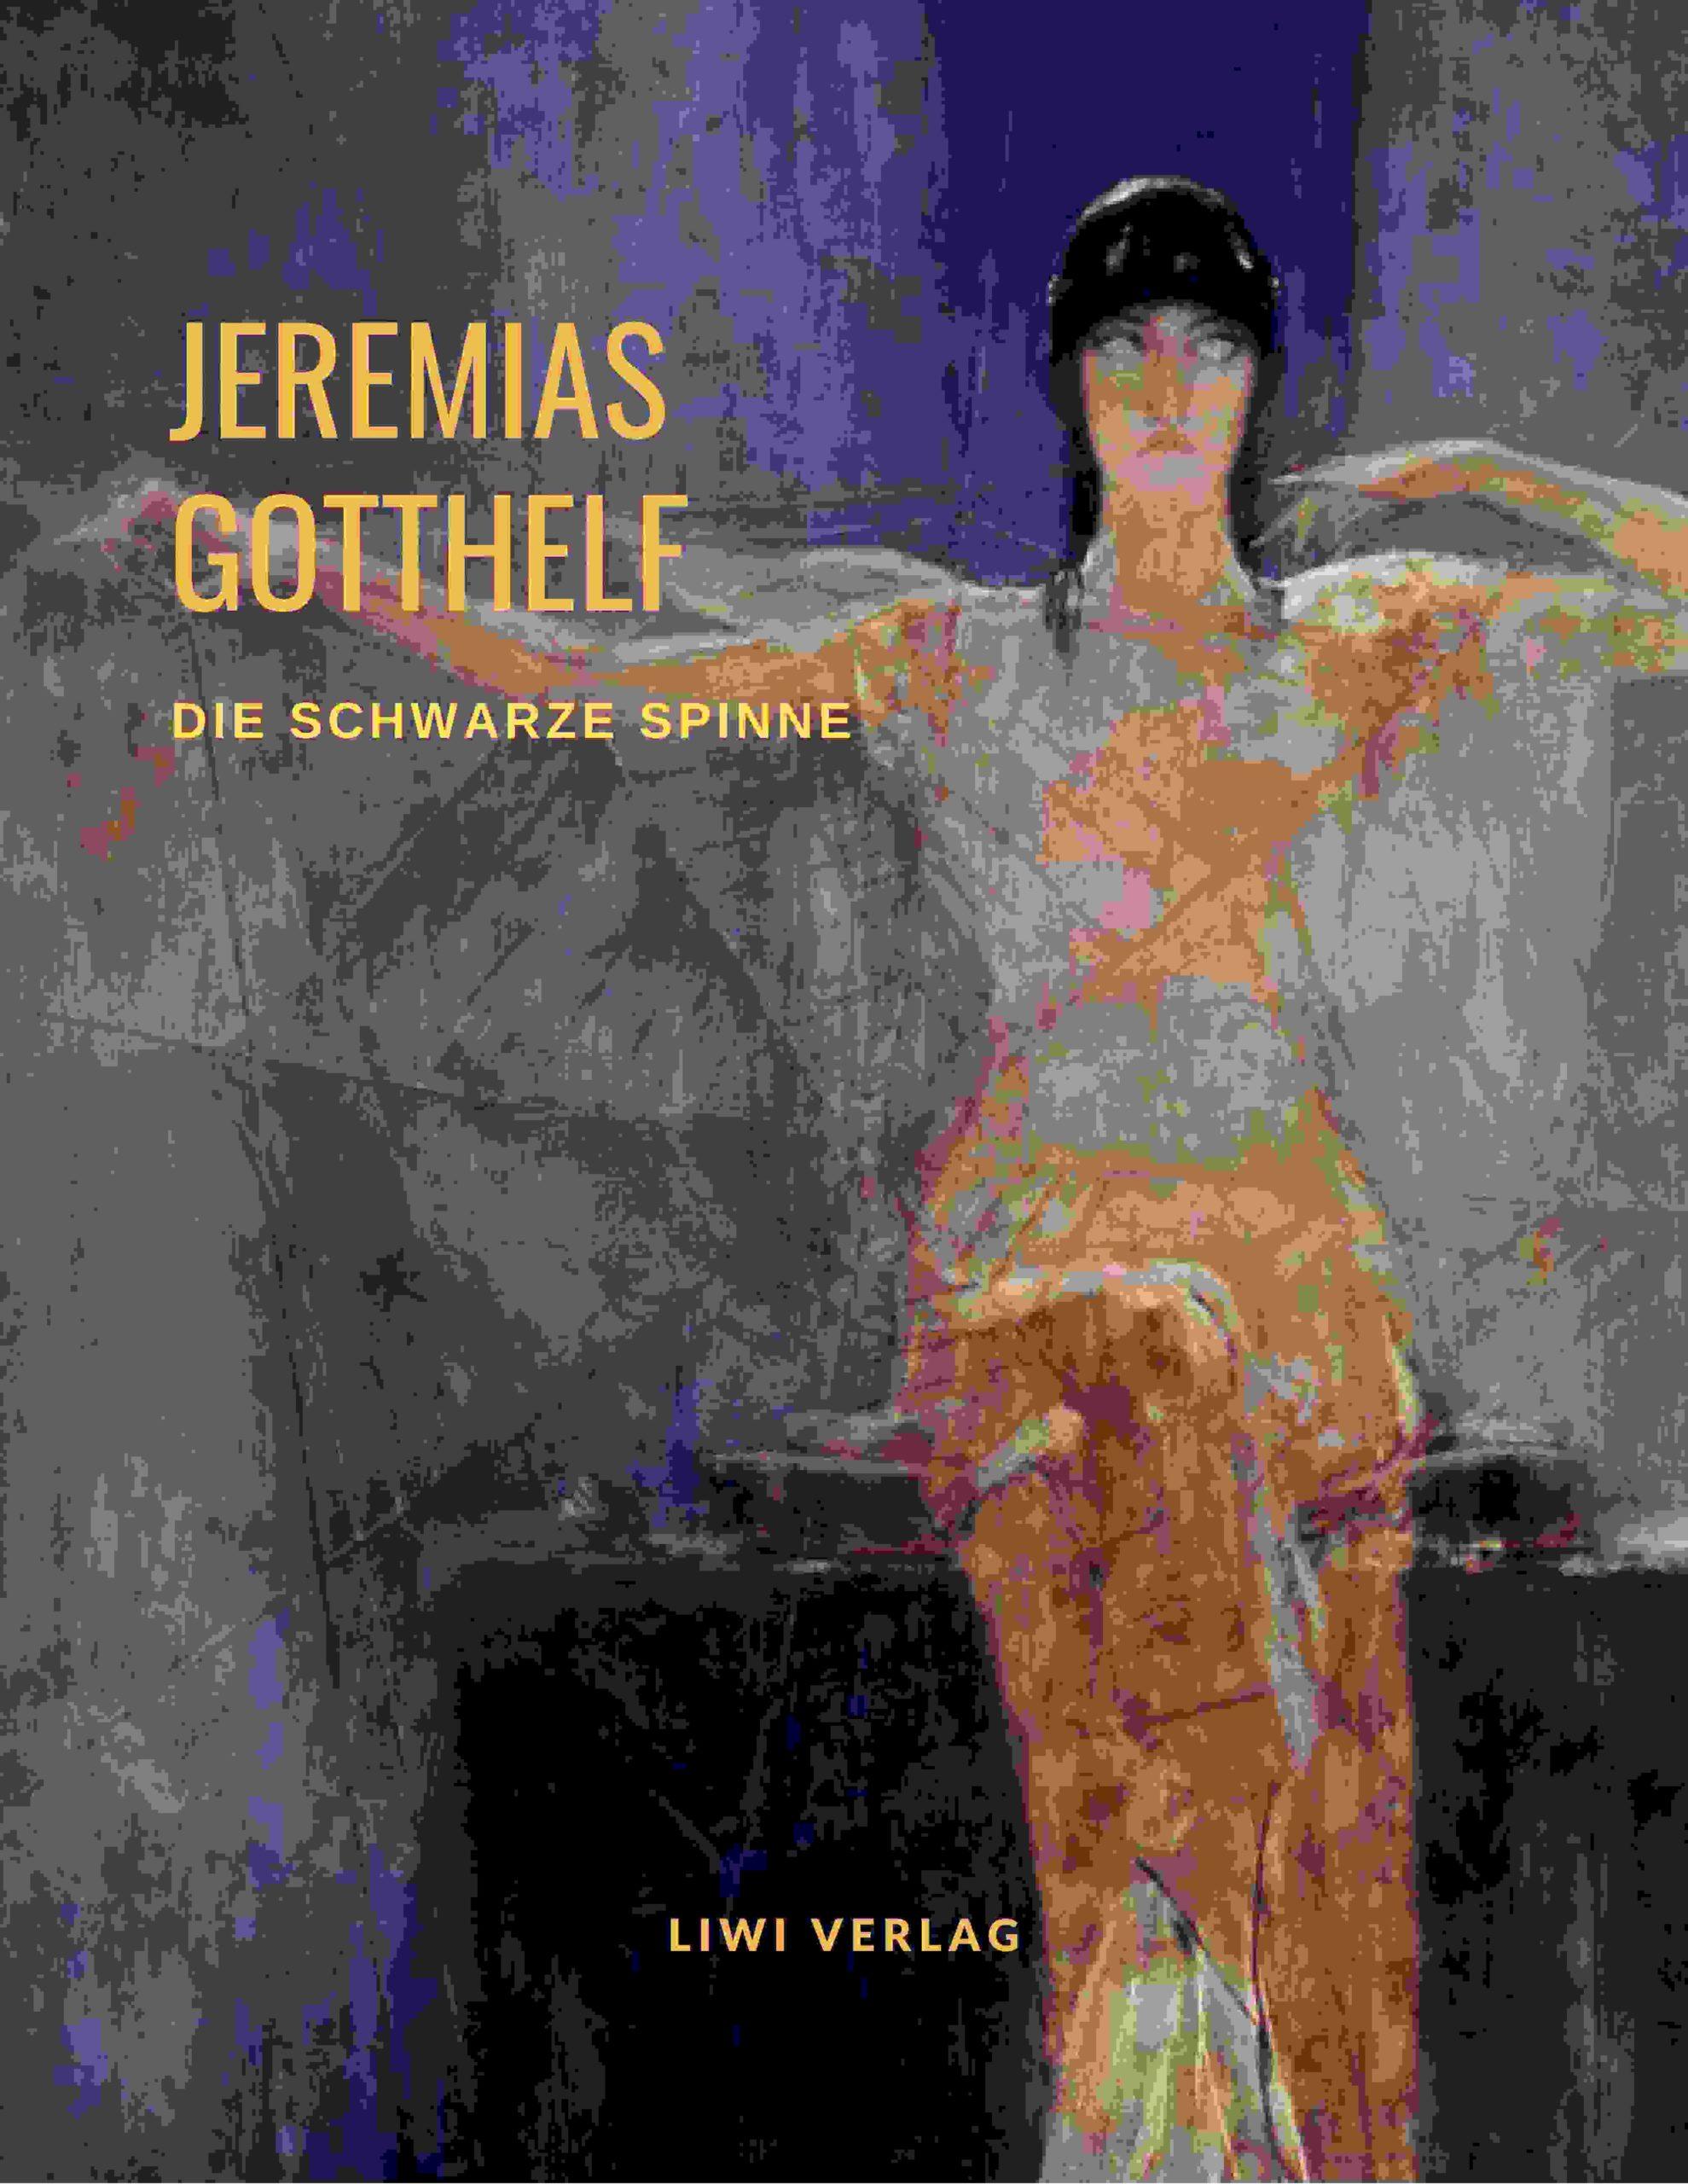 Jeremias Gotthelf Die schwarze Spinne